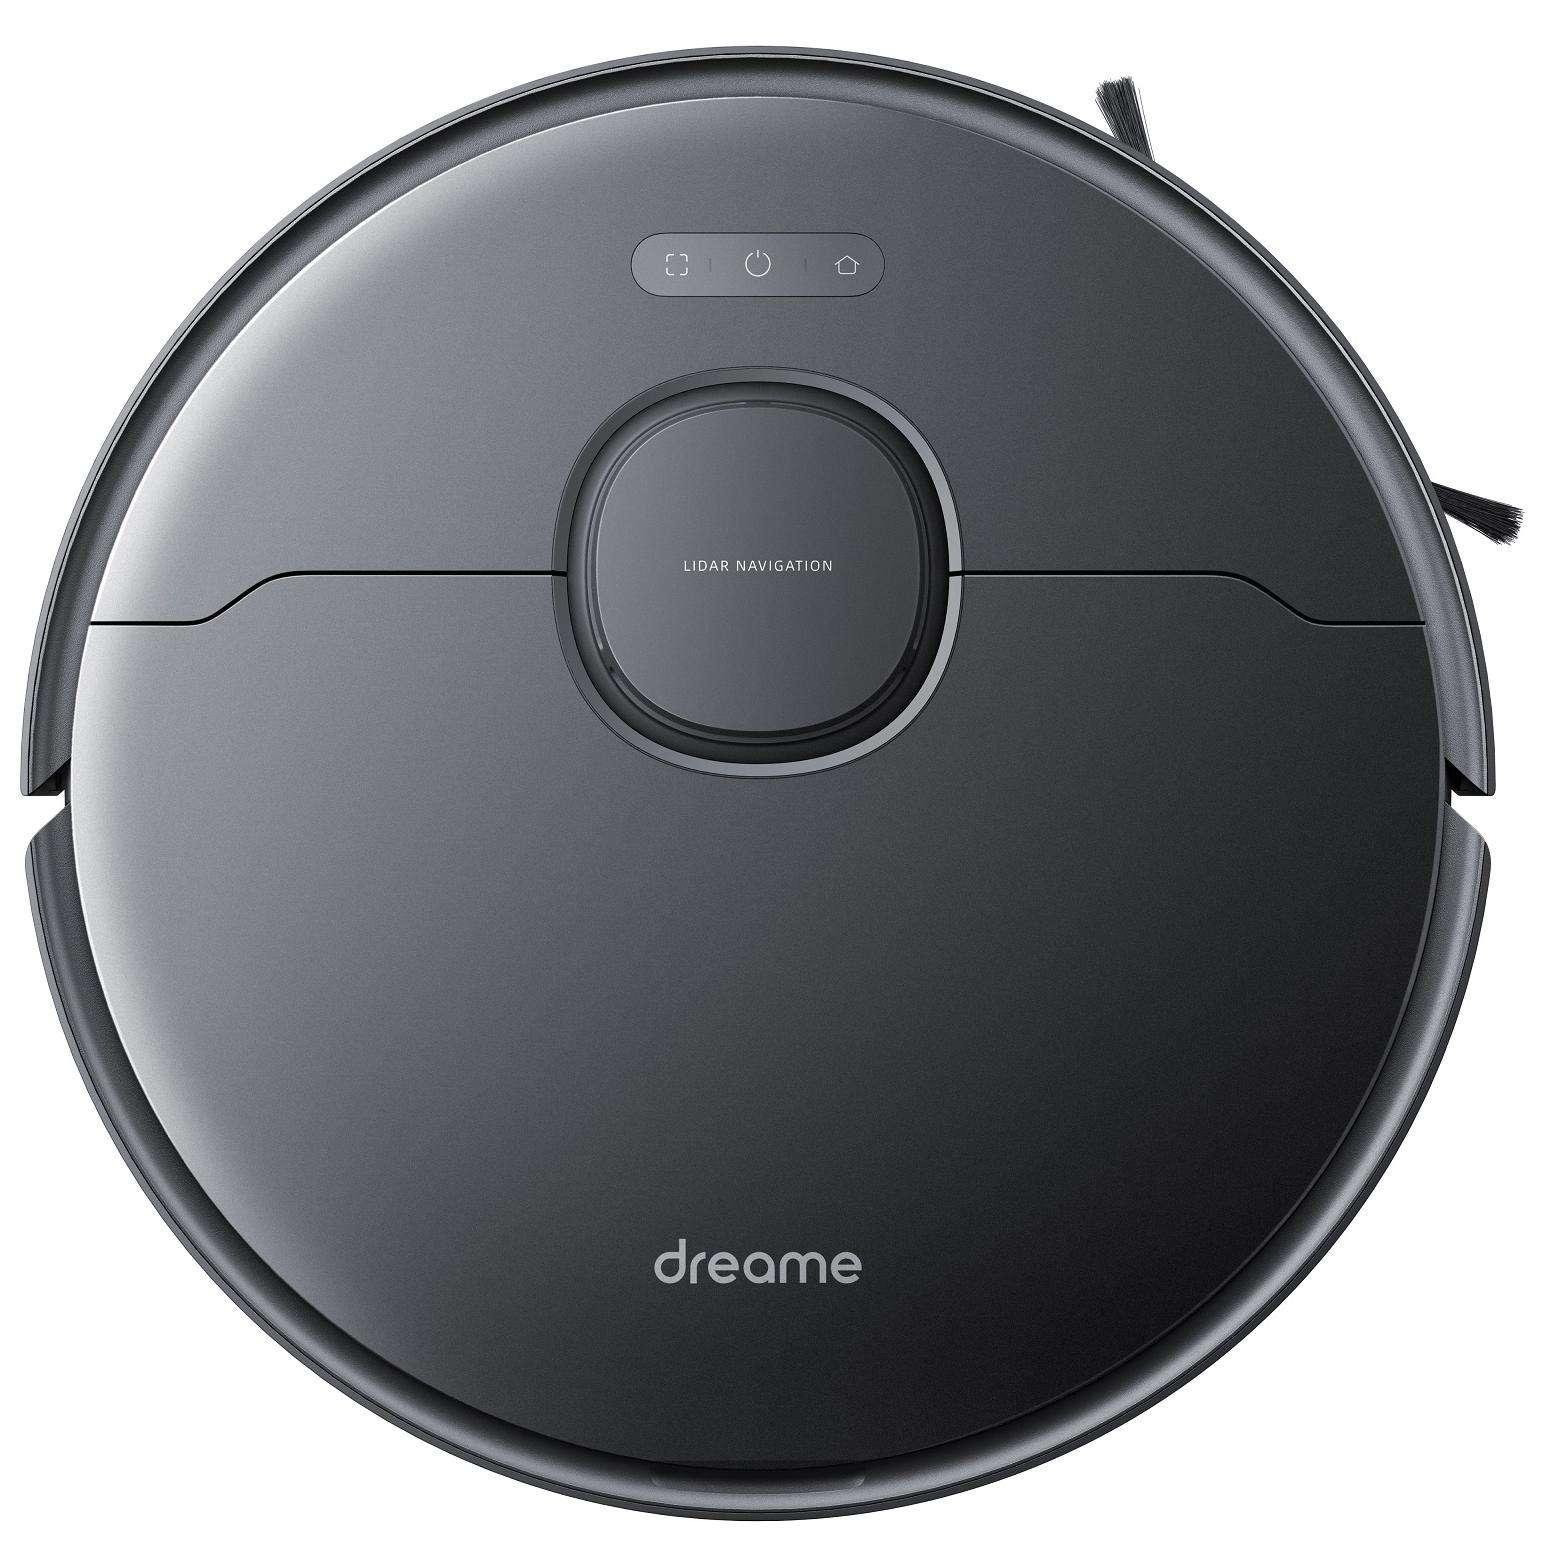 Dreame Technology Dreame Bot L10 Pro